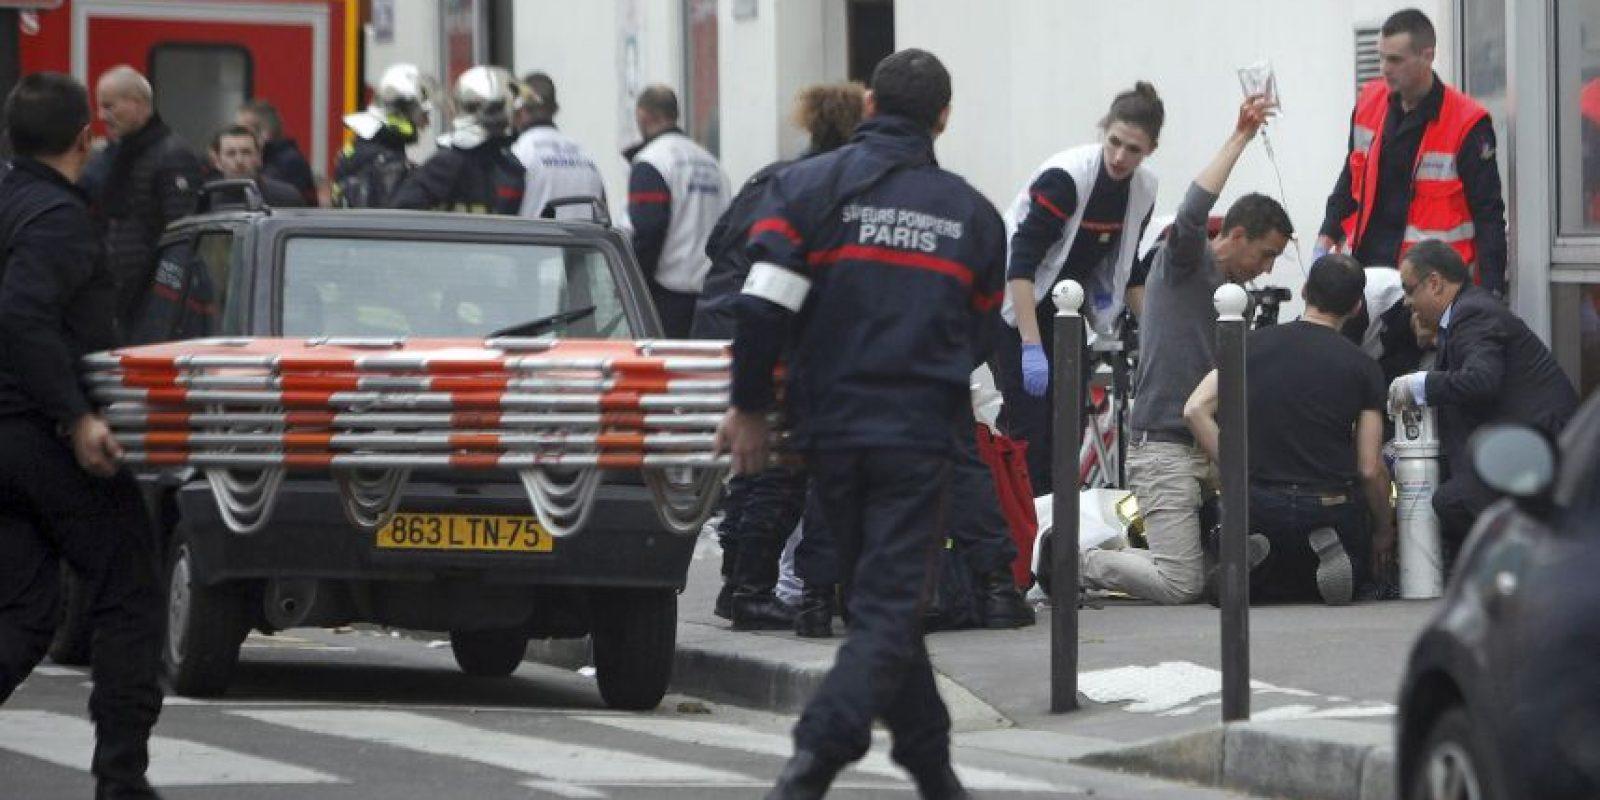 El atentado dejó 12 muertos. Foto:AP